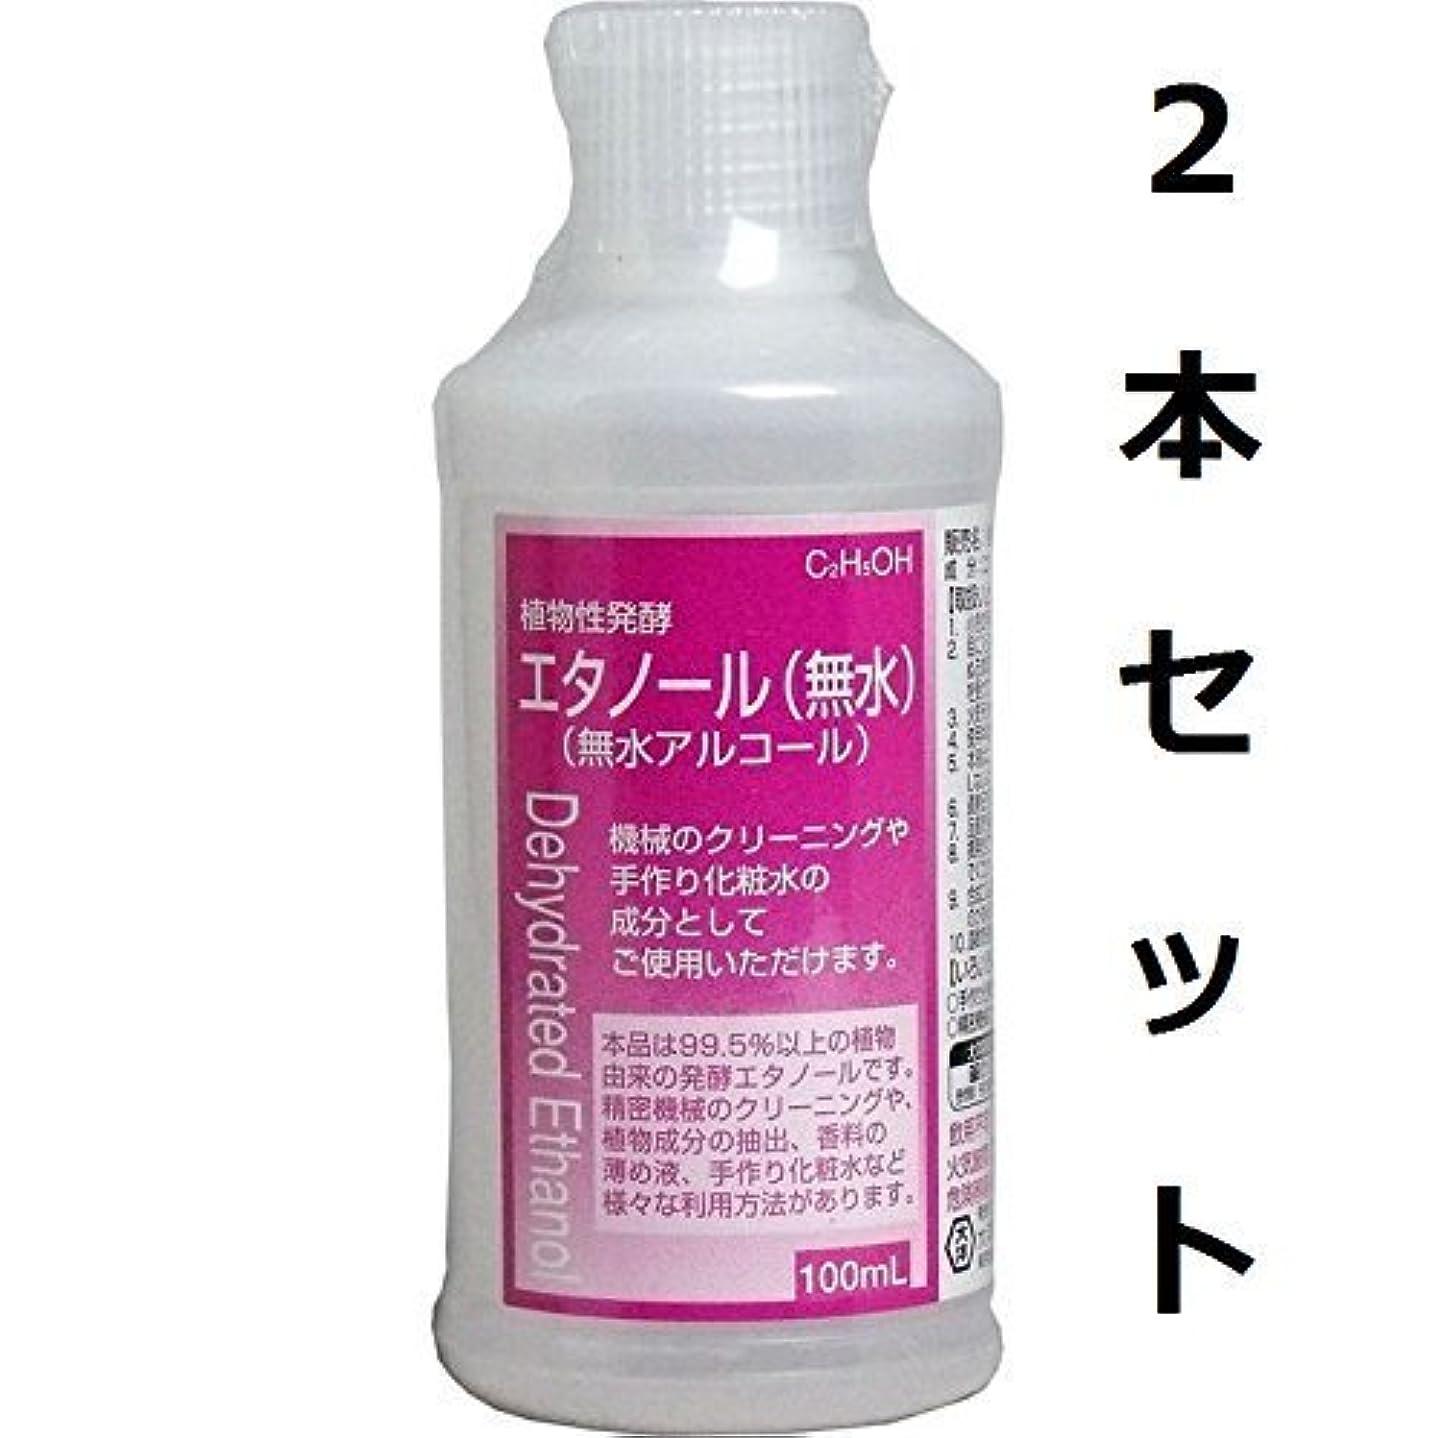 夕暮れ回転人差し指香料の薄め液に 植物性発酵エタノール(無水エタノール) 100mL 2本セット by 大洋製薬